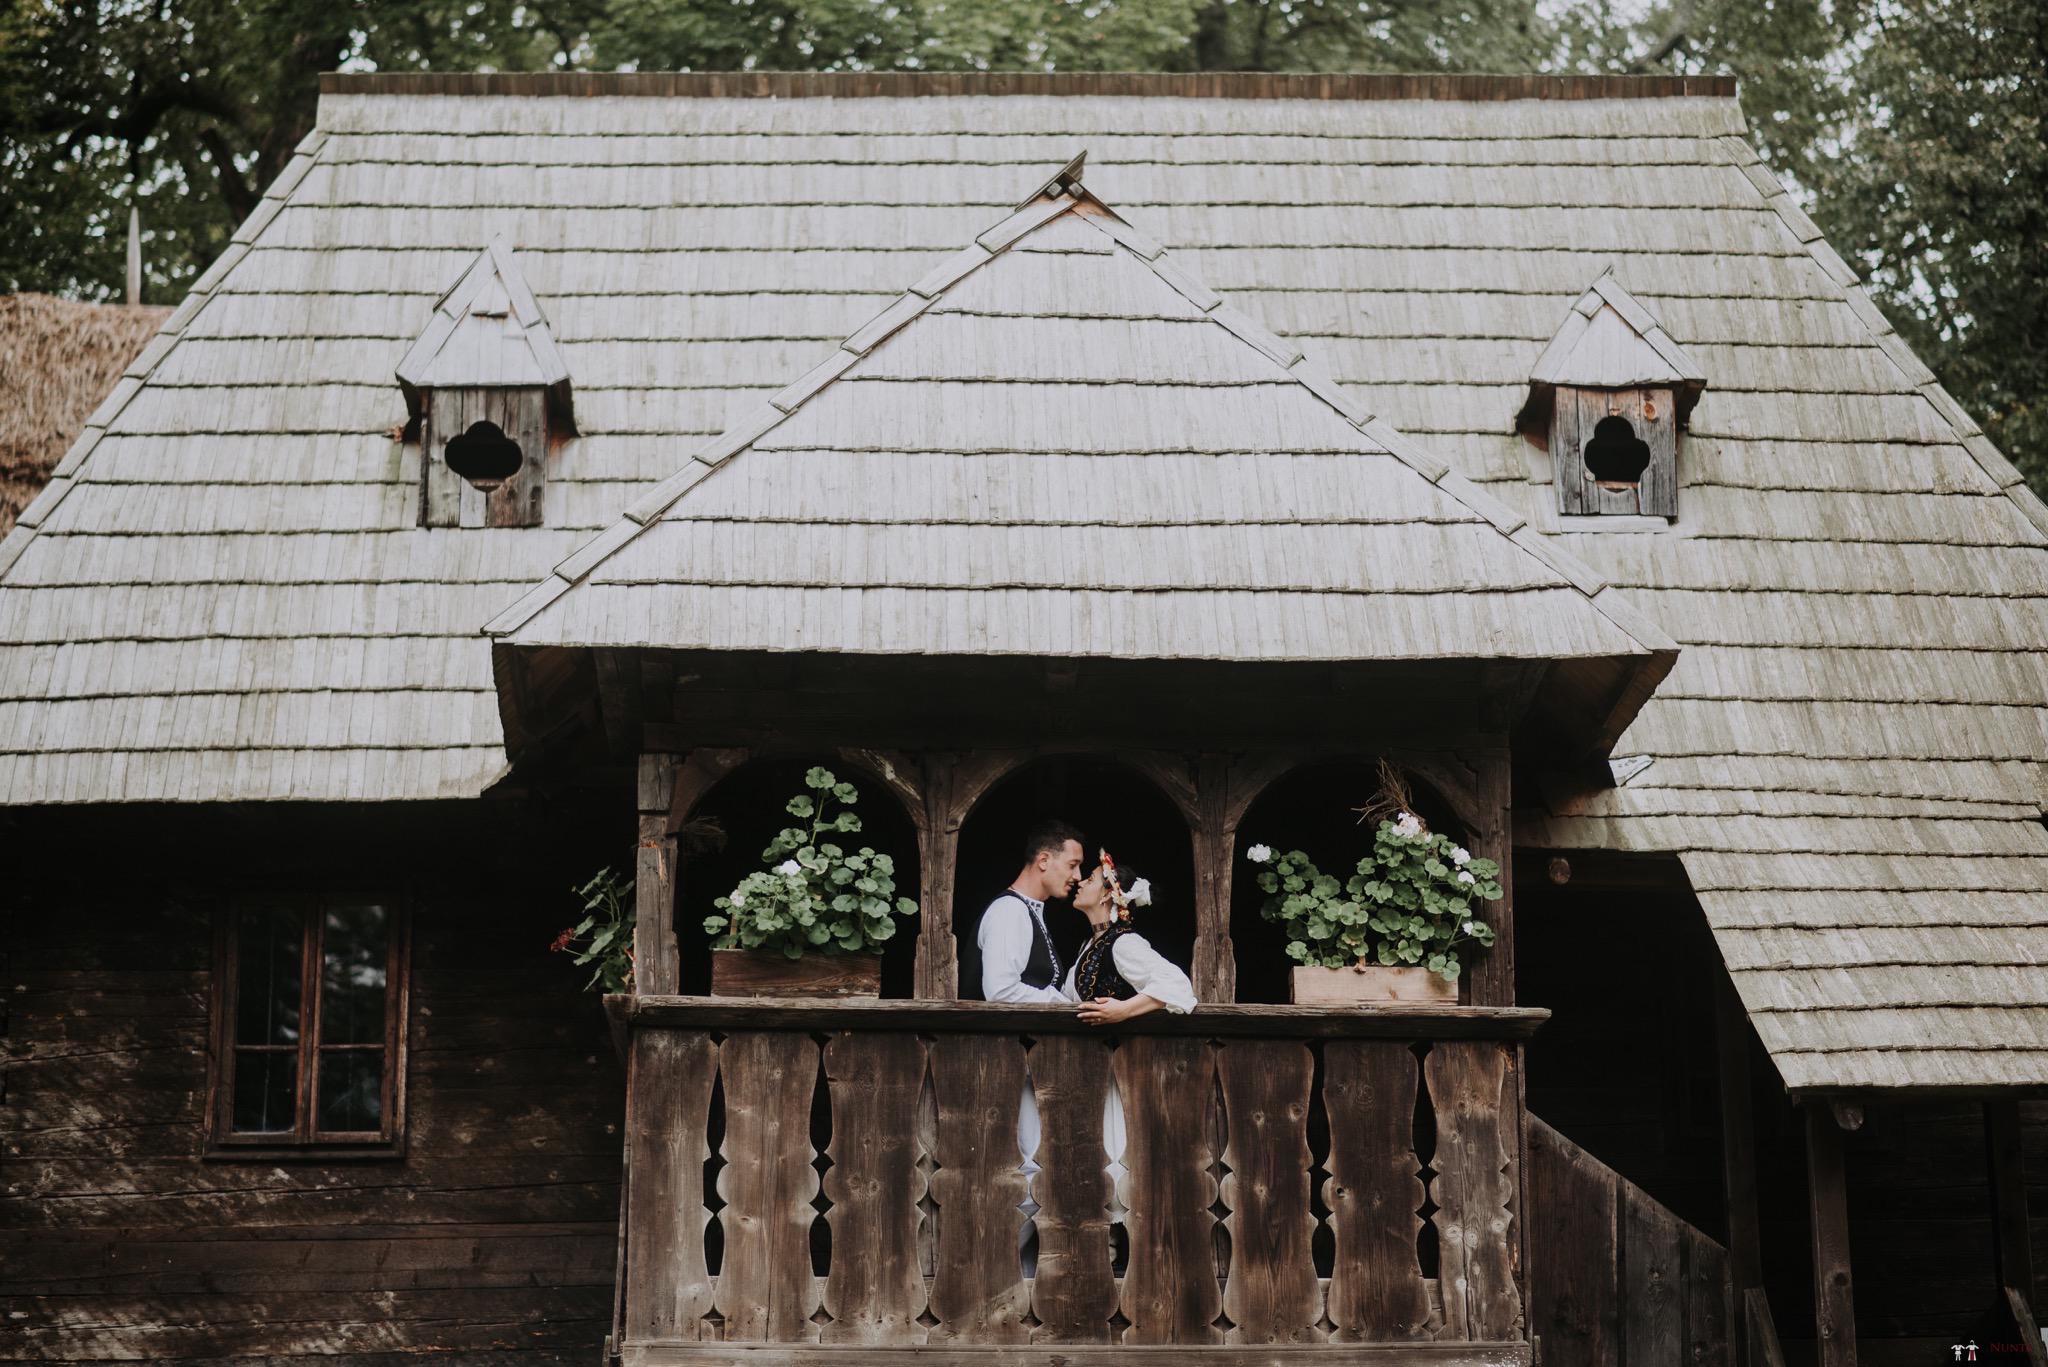 Povești Nunți Tradiționale - Silvia și Adrian. Nuntă tradițională în Ghighișeni, Bihor 110